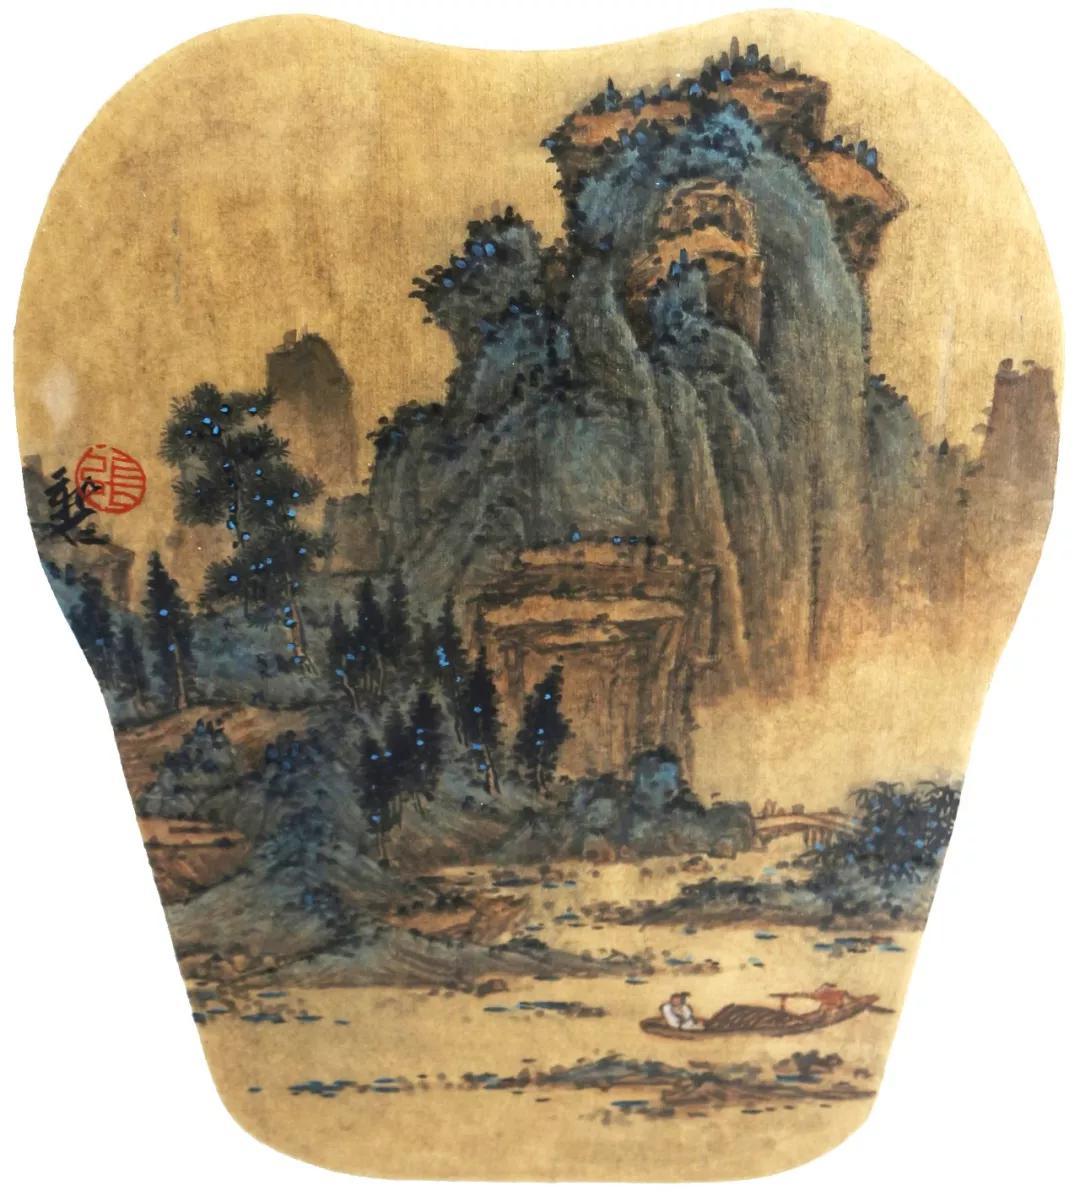 《溪山清远图》37cm×29cm